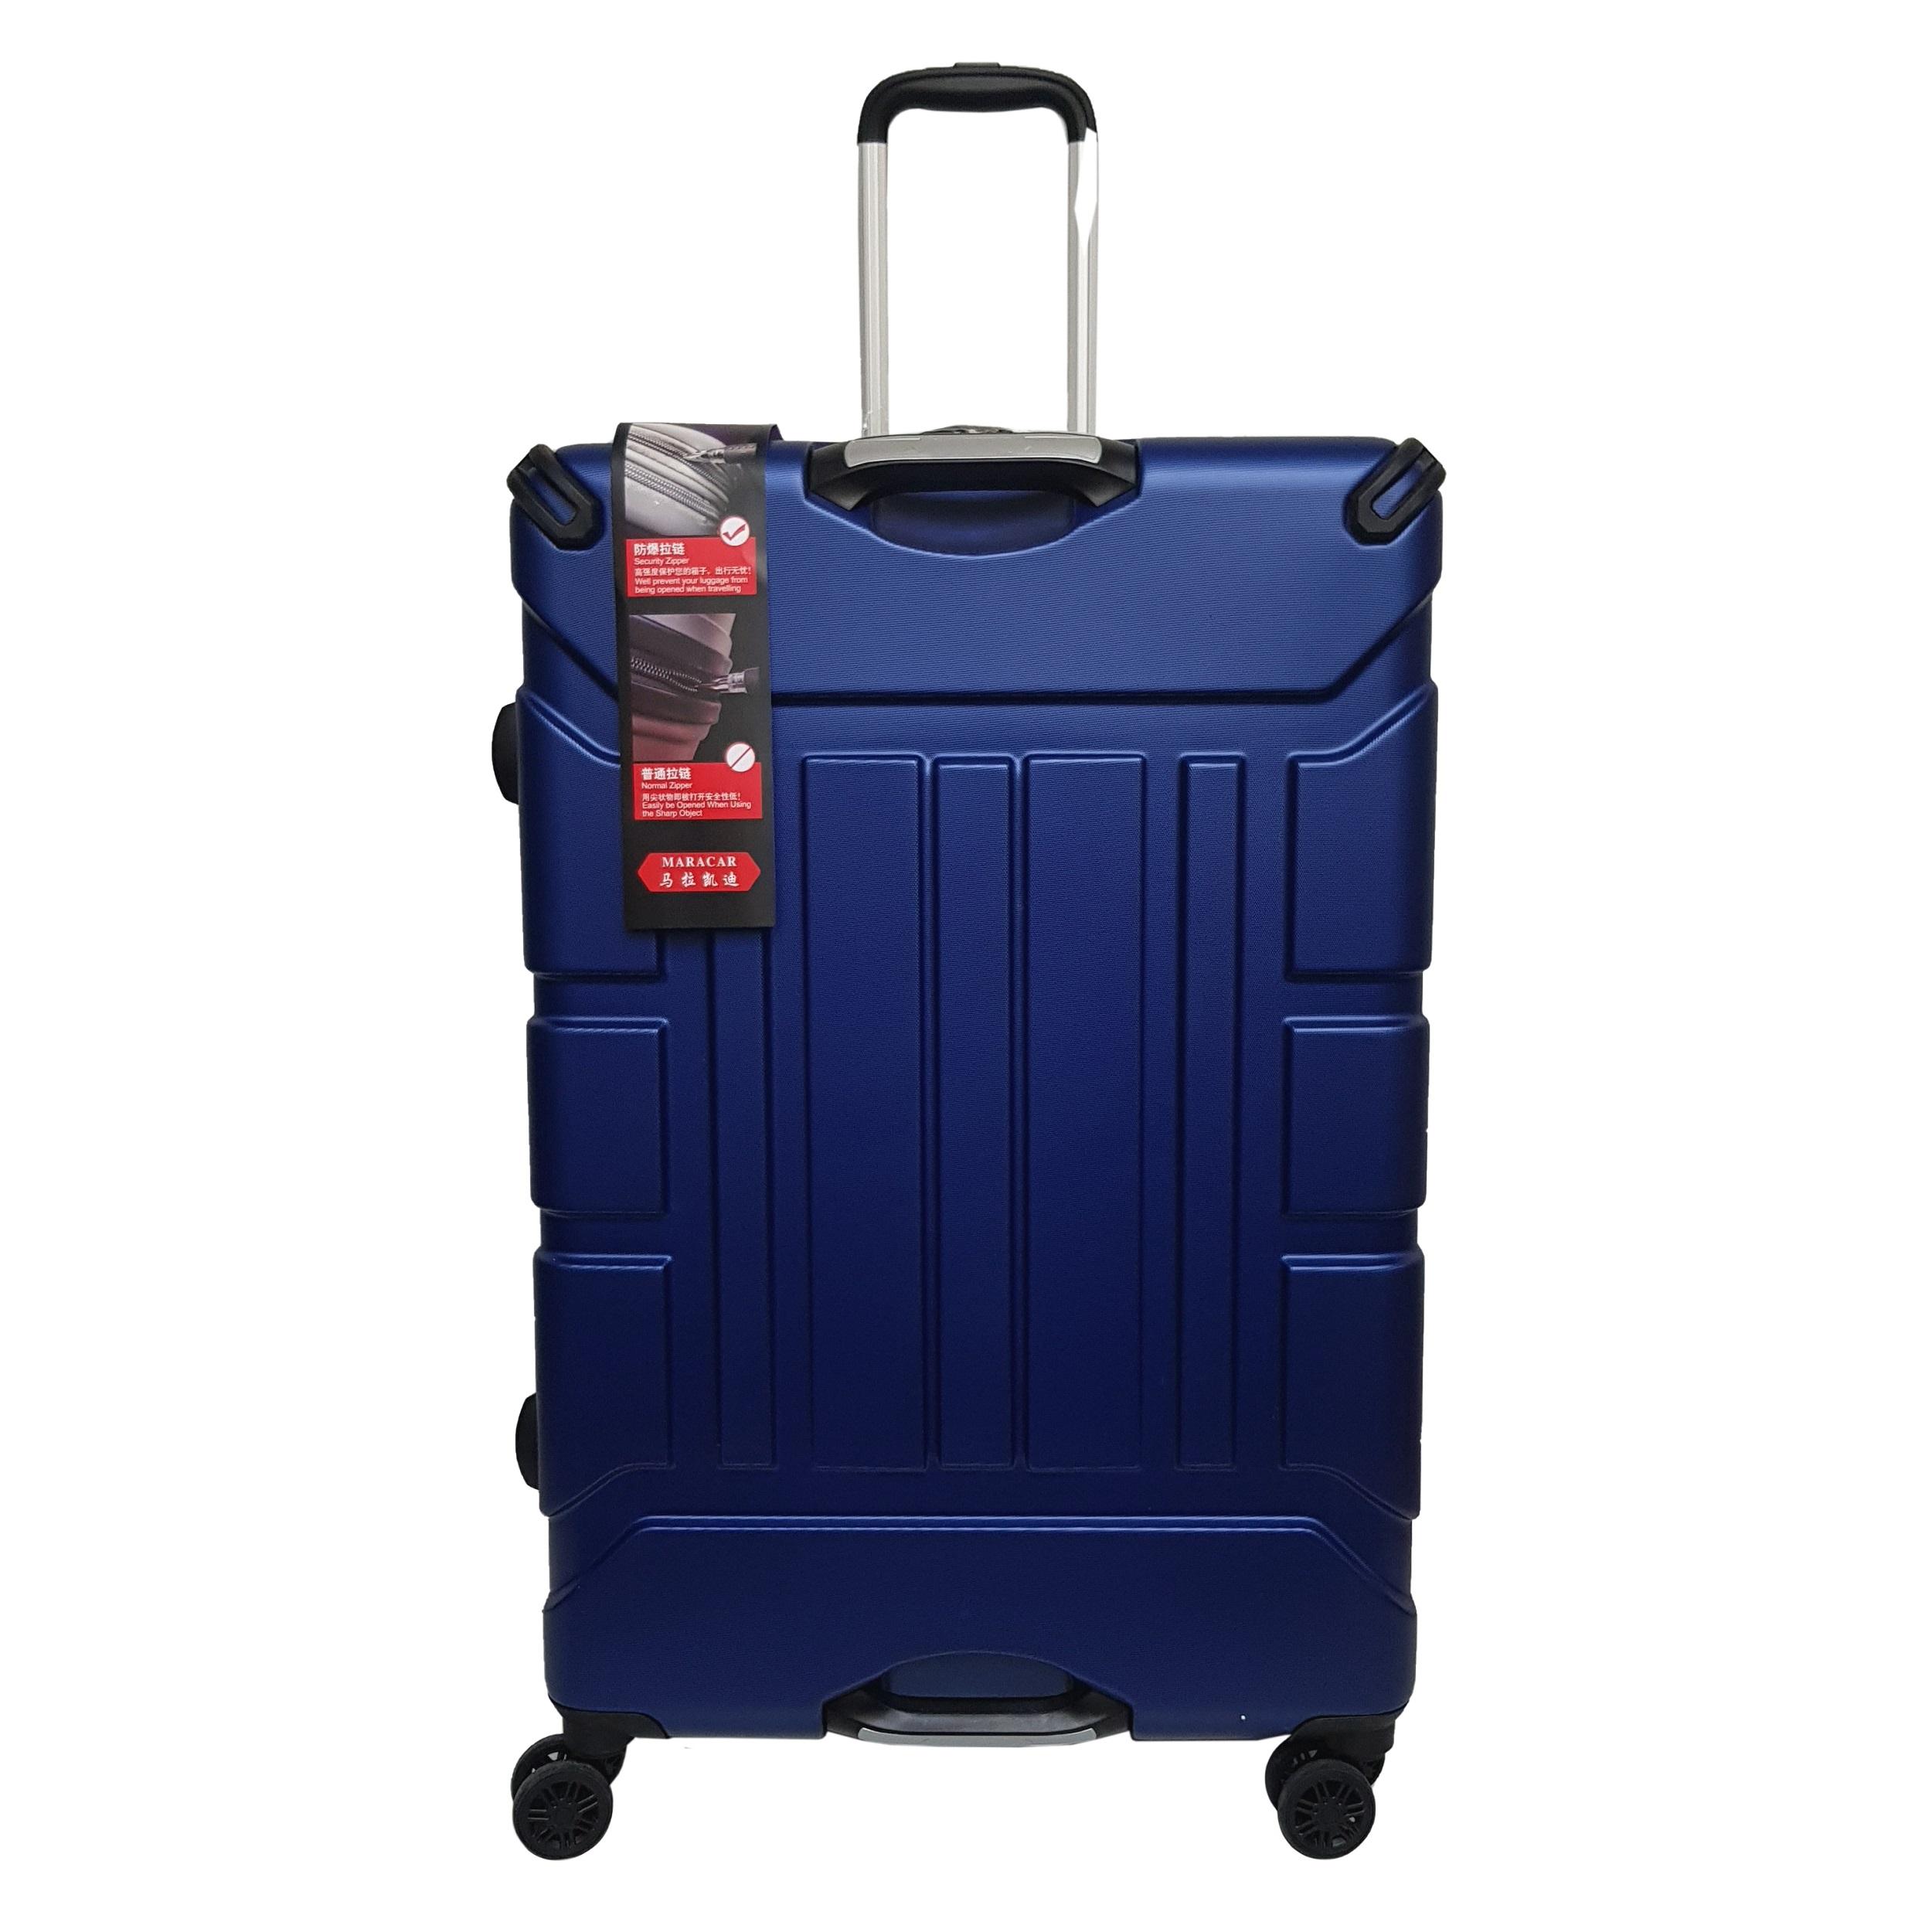 چمدان ماراکار مدل MRCJ5 سایز متوسط